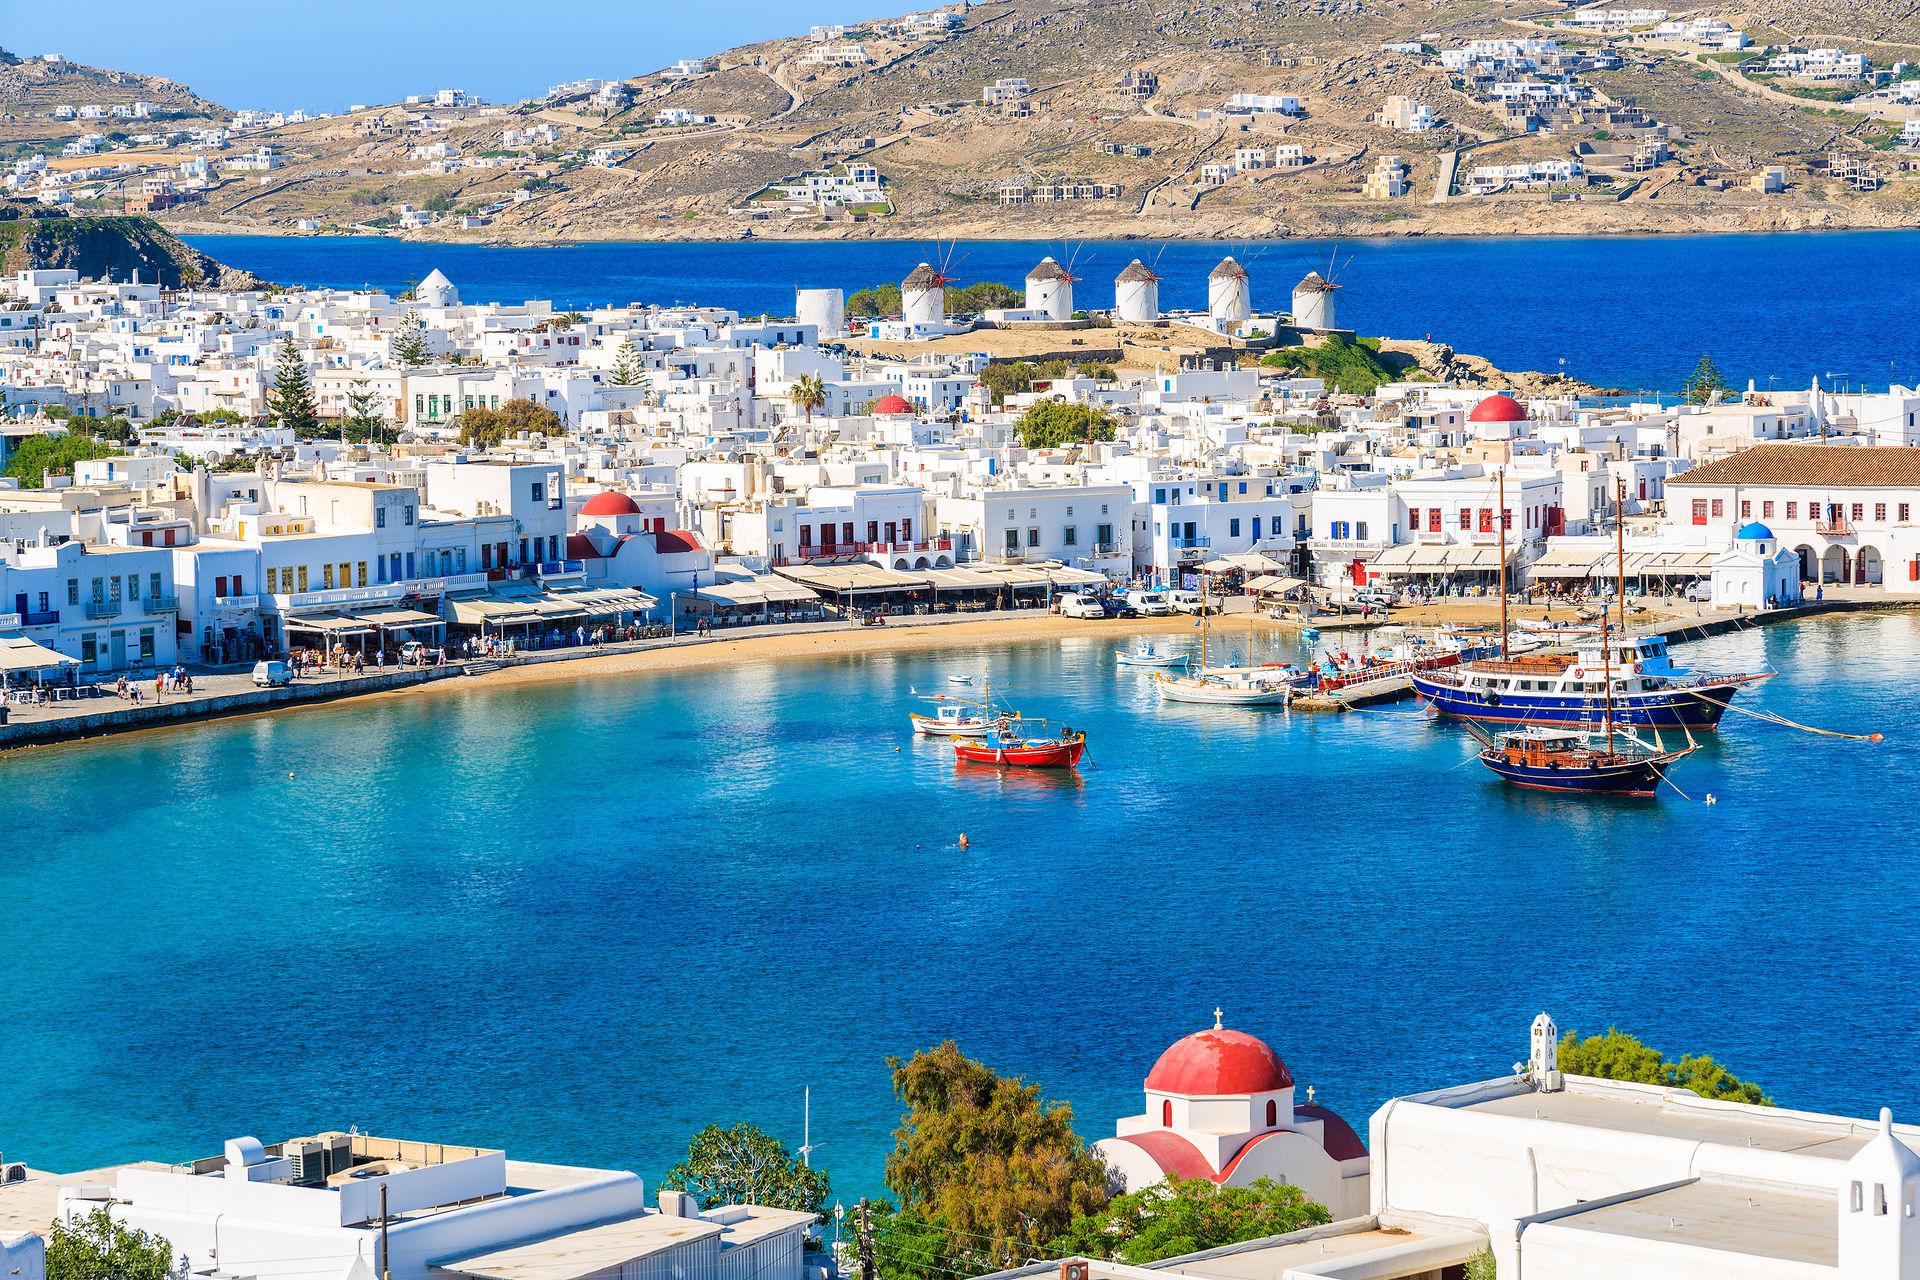 Merveilles des cyclades : mykonos, syros, naxos, santorin 3*